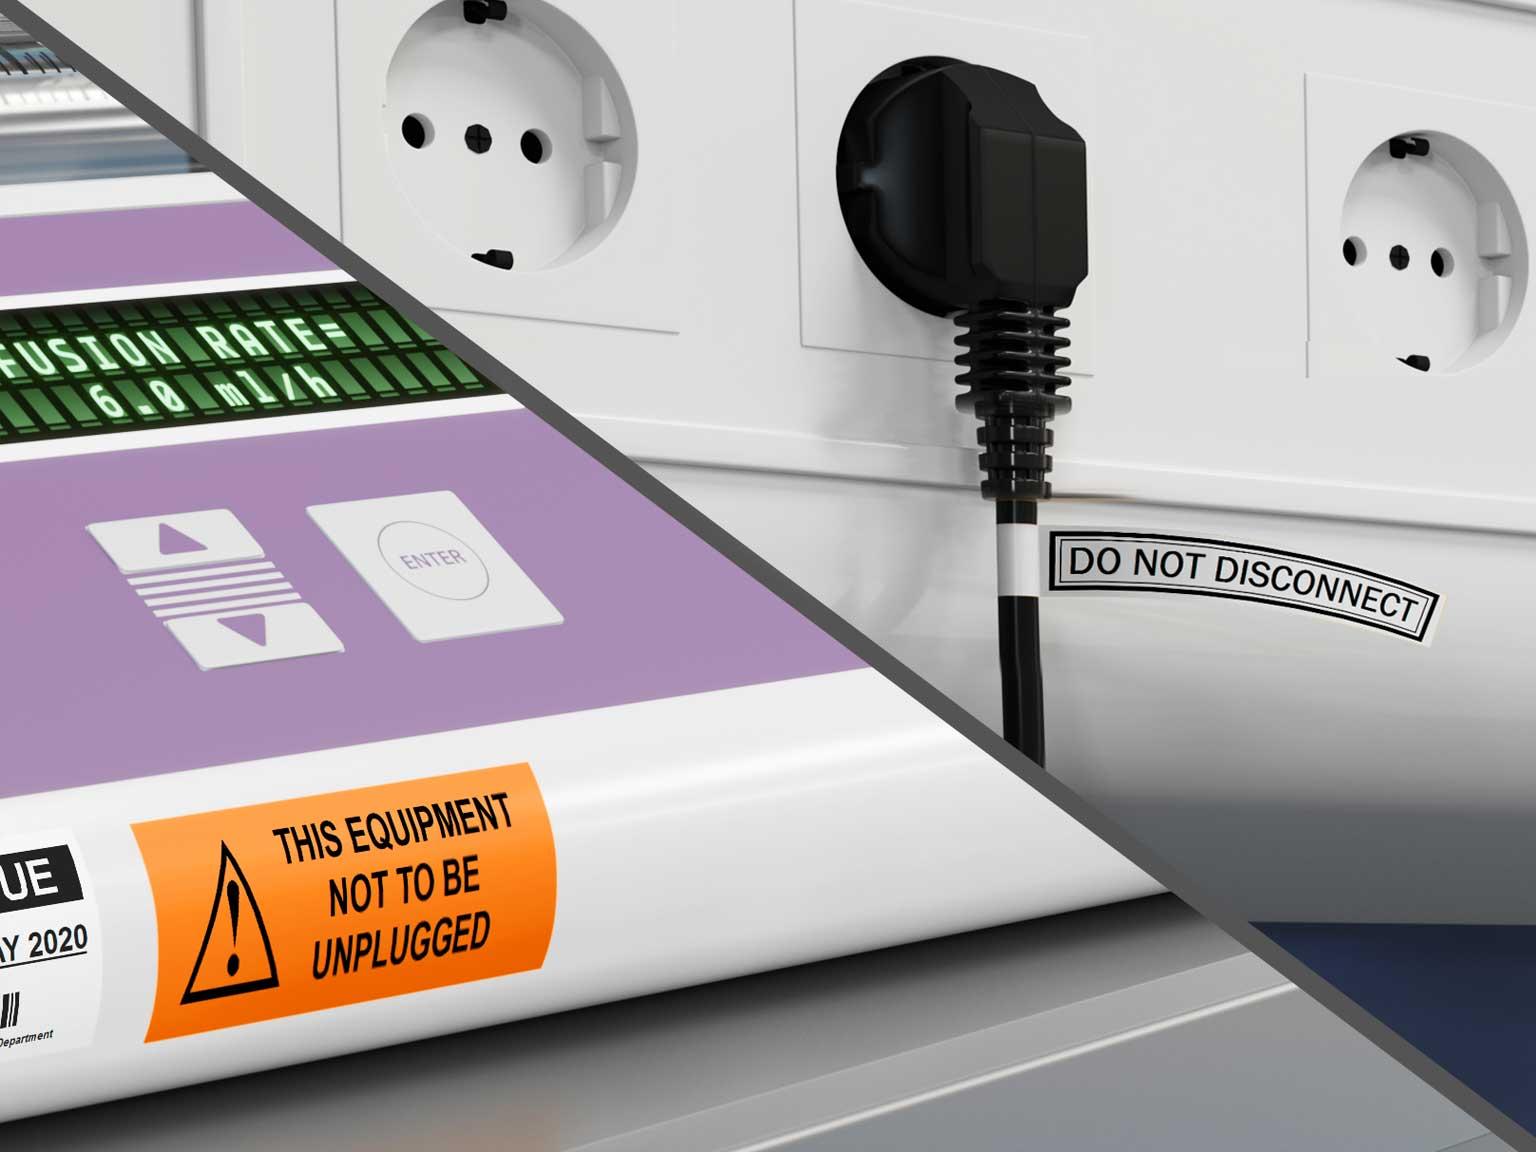 Výstražný štítok na riadiacom paneli medicínskeho zariadenia